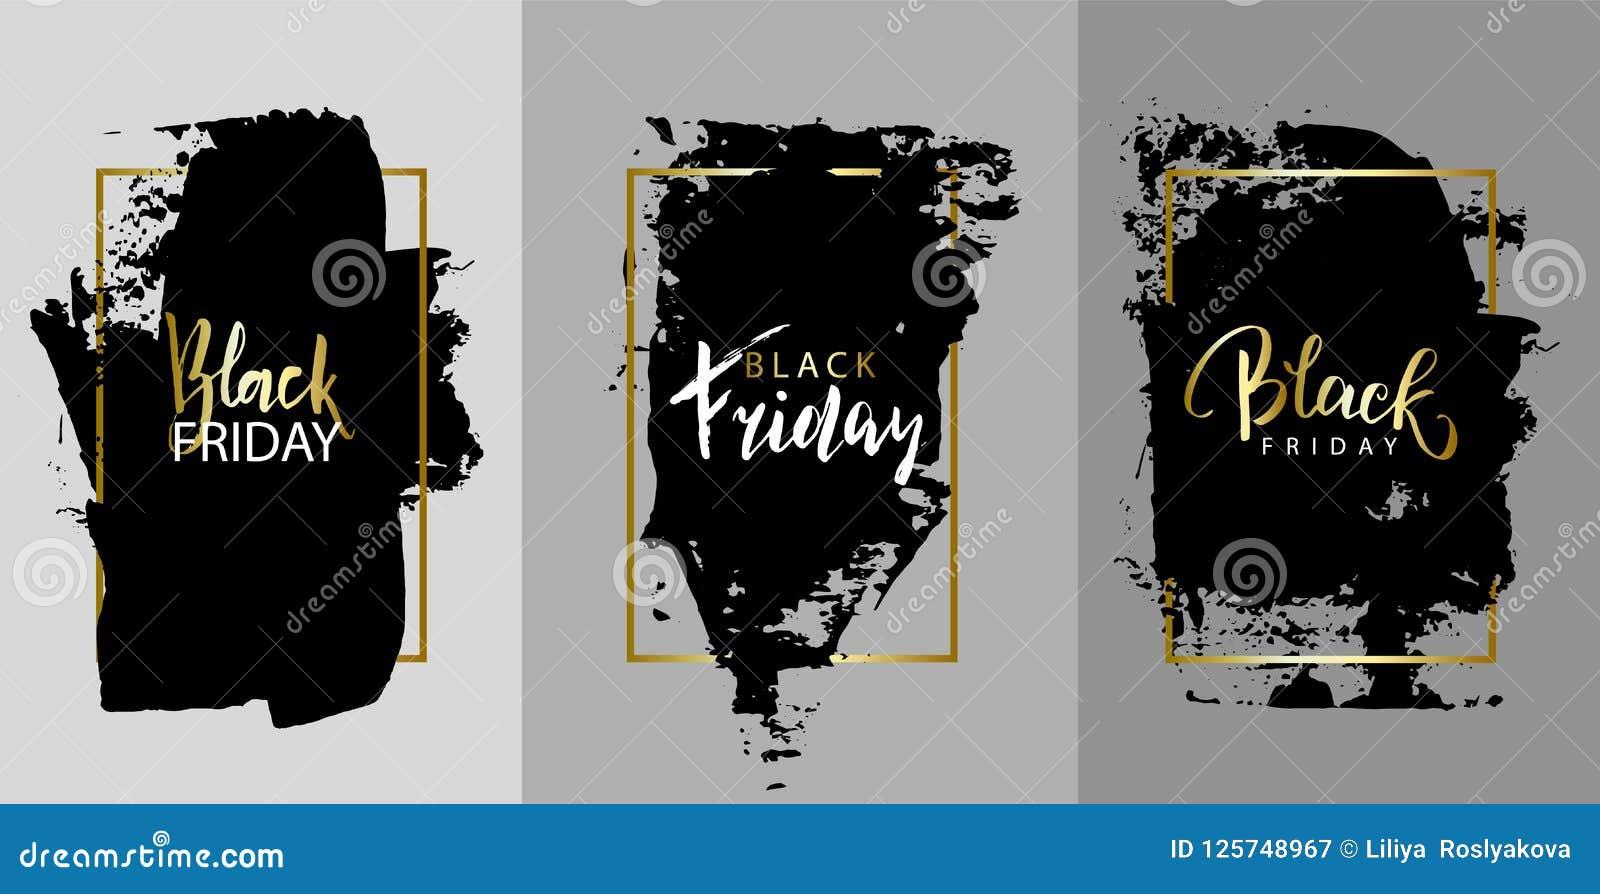 Schwärzen Sie Freitag Vector schwarze Farbe, schwärzen Sie Bürstenanschlag, Bürste, Linie oder Beschaffenheit mit Tinte Künstleri